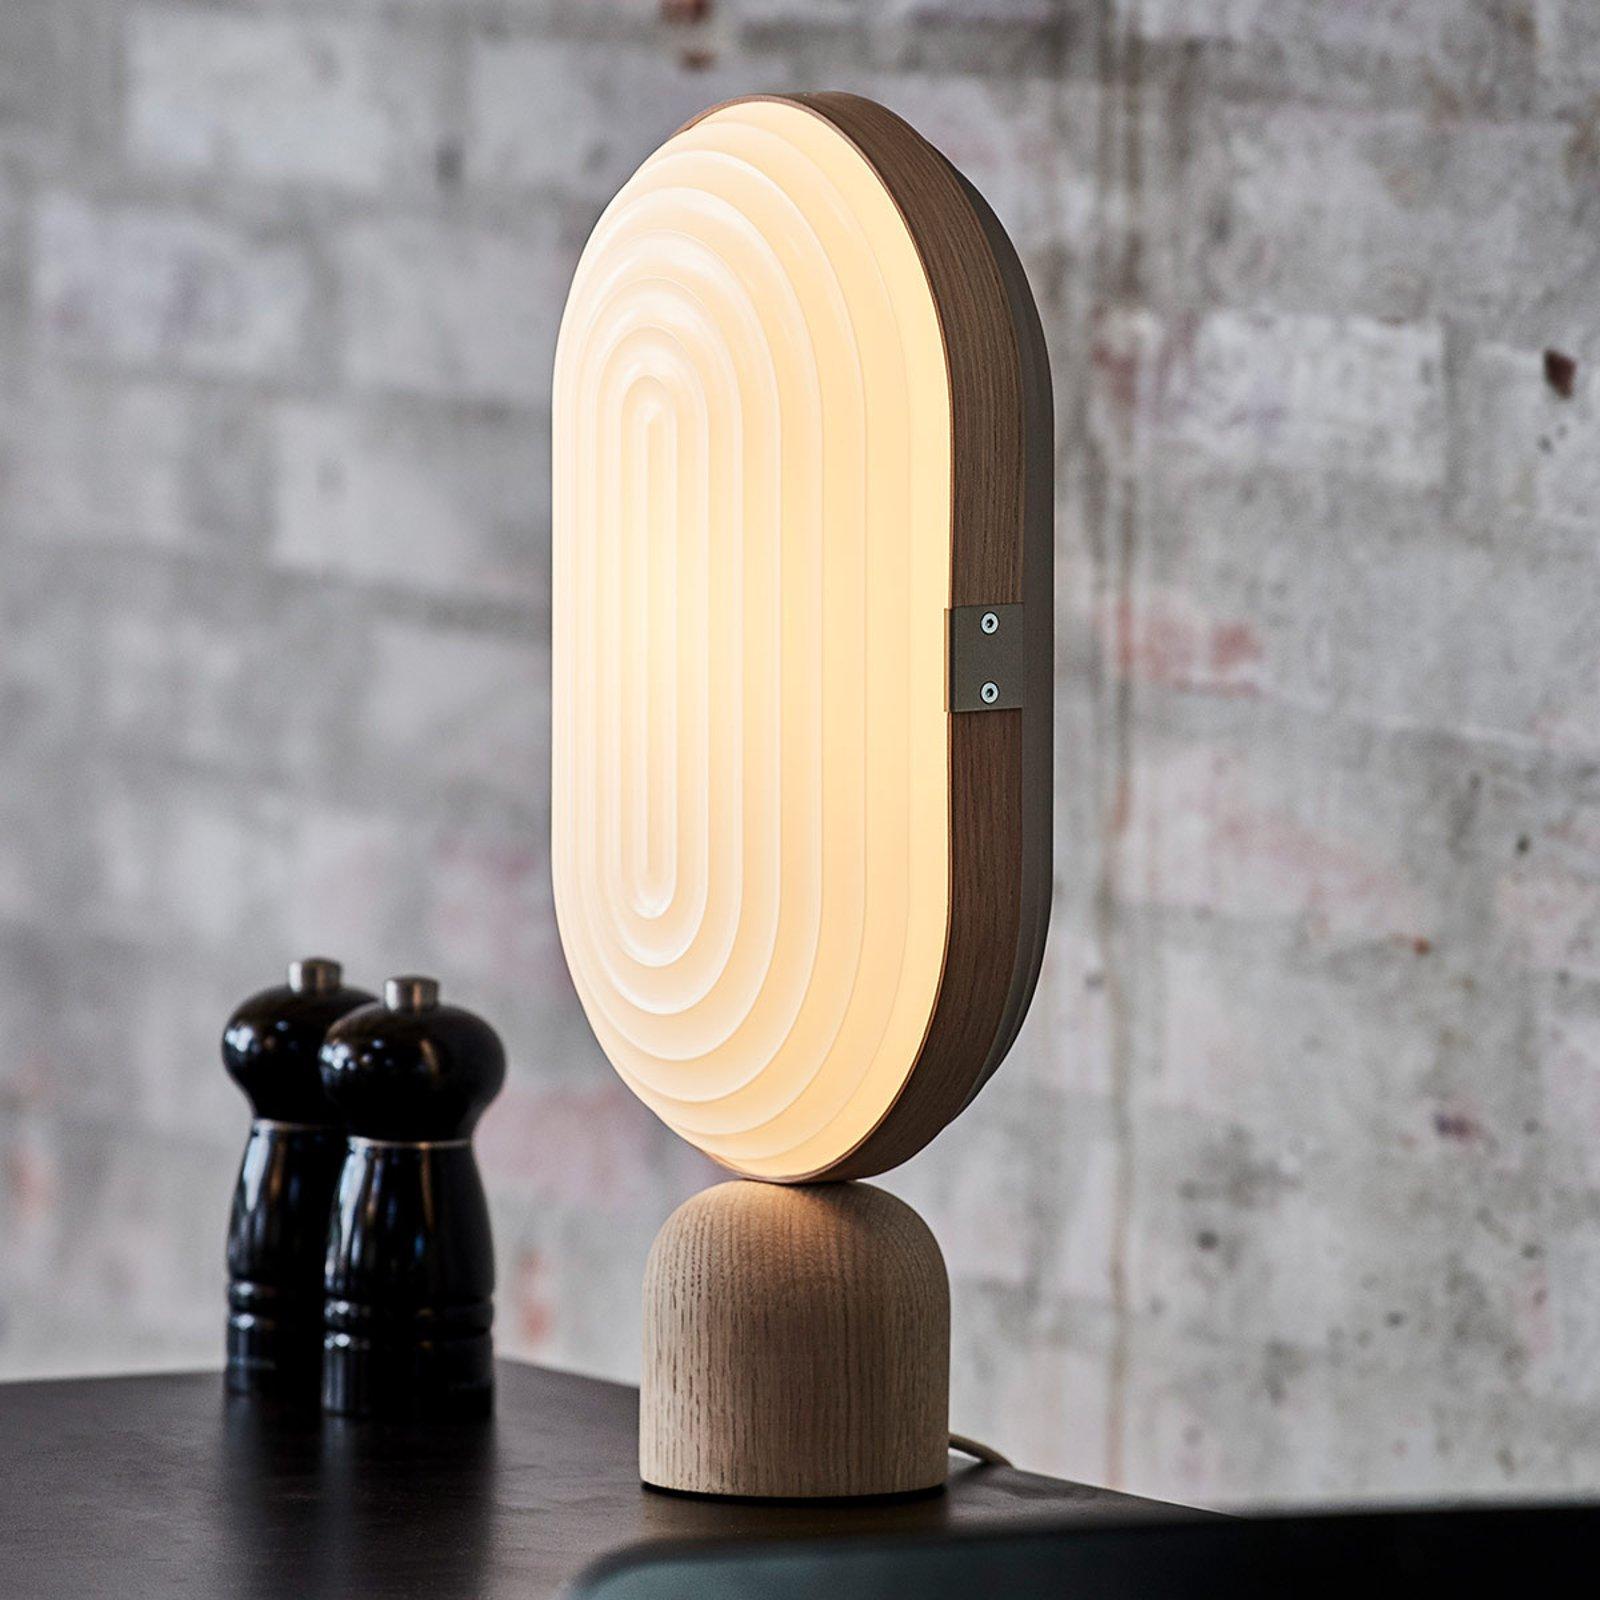 LE KLINT Arc bordlampe hvit, lys eik